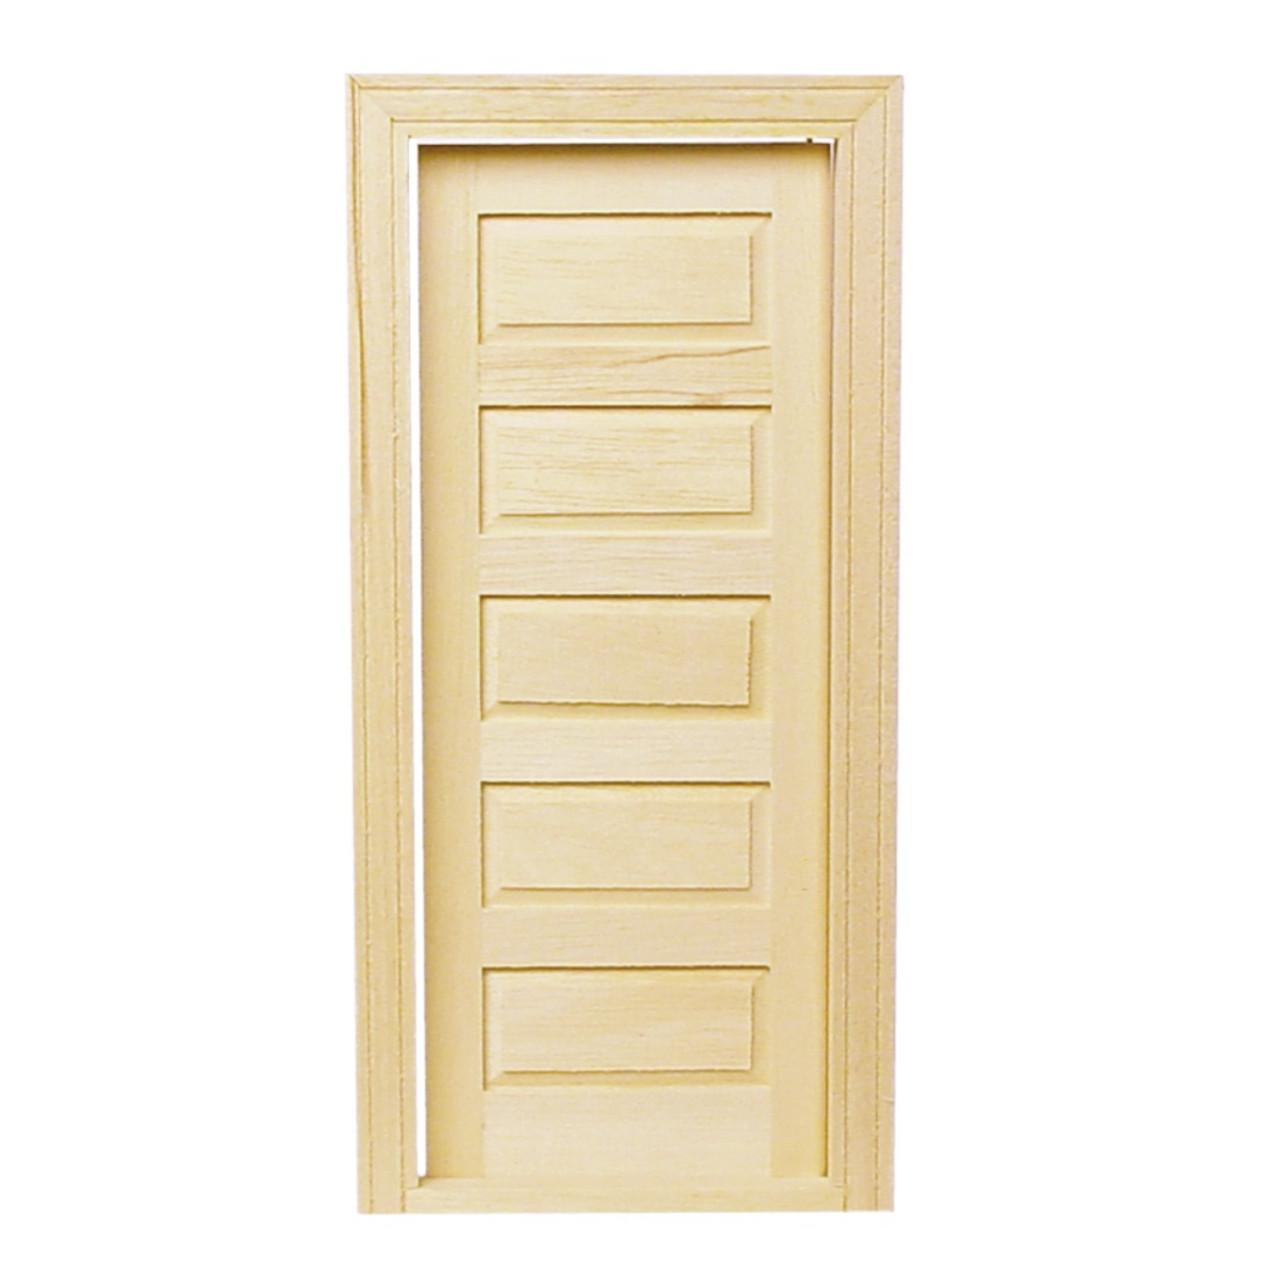 5-Panel Traditional Interior Door (HW6021)